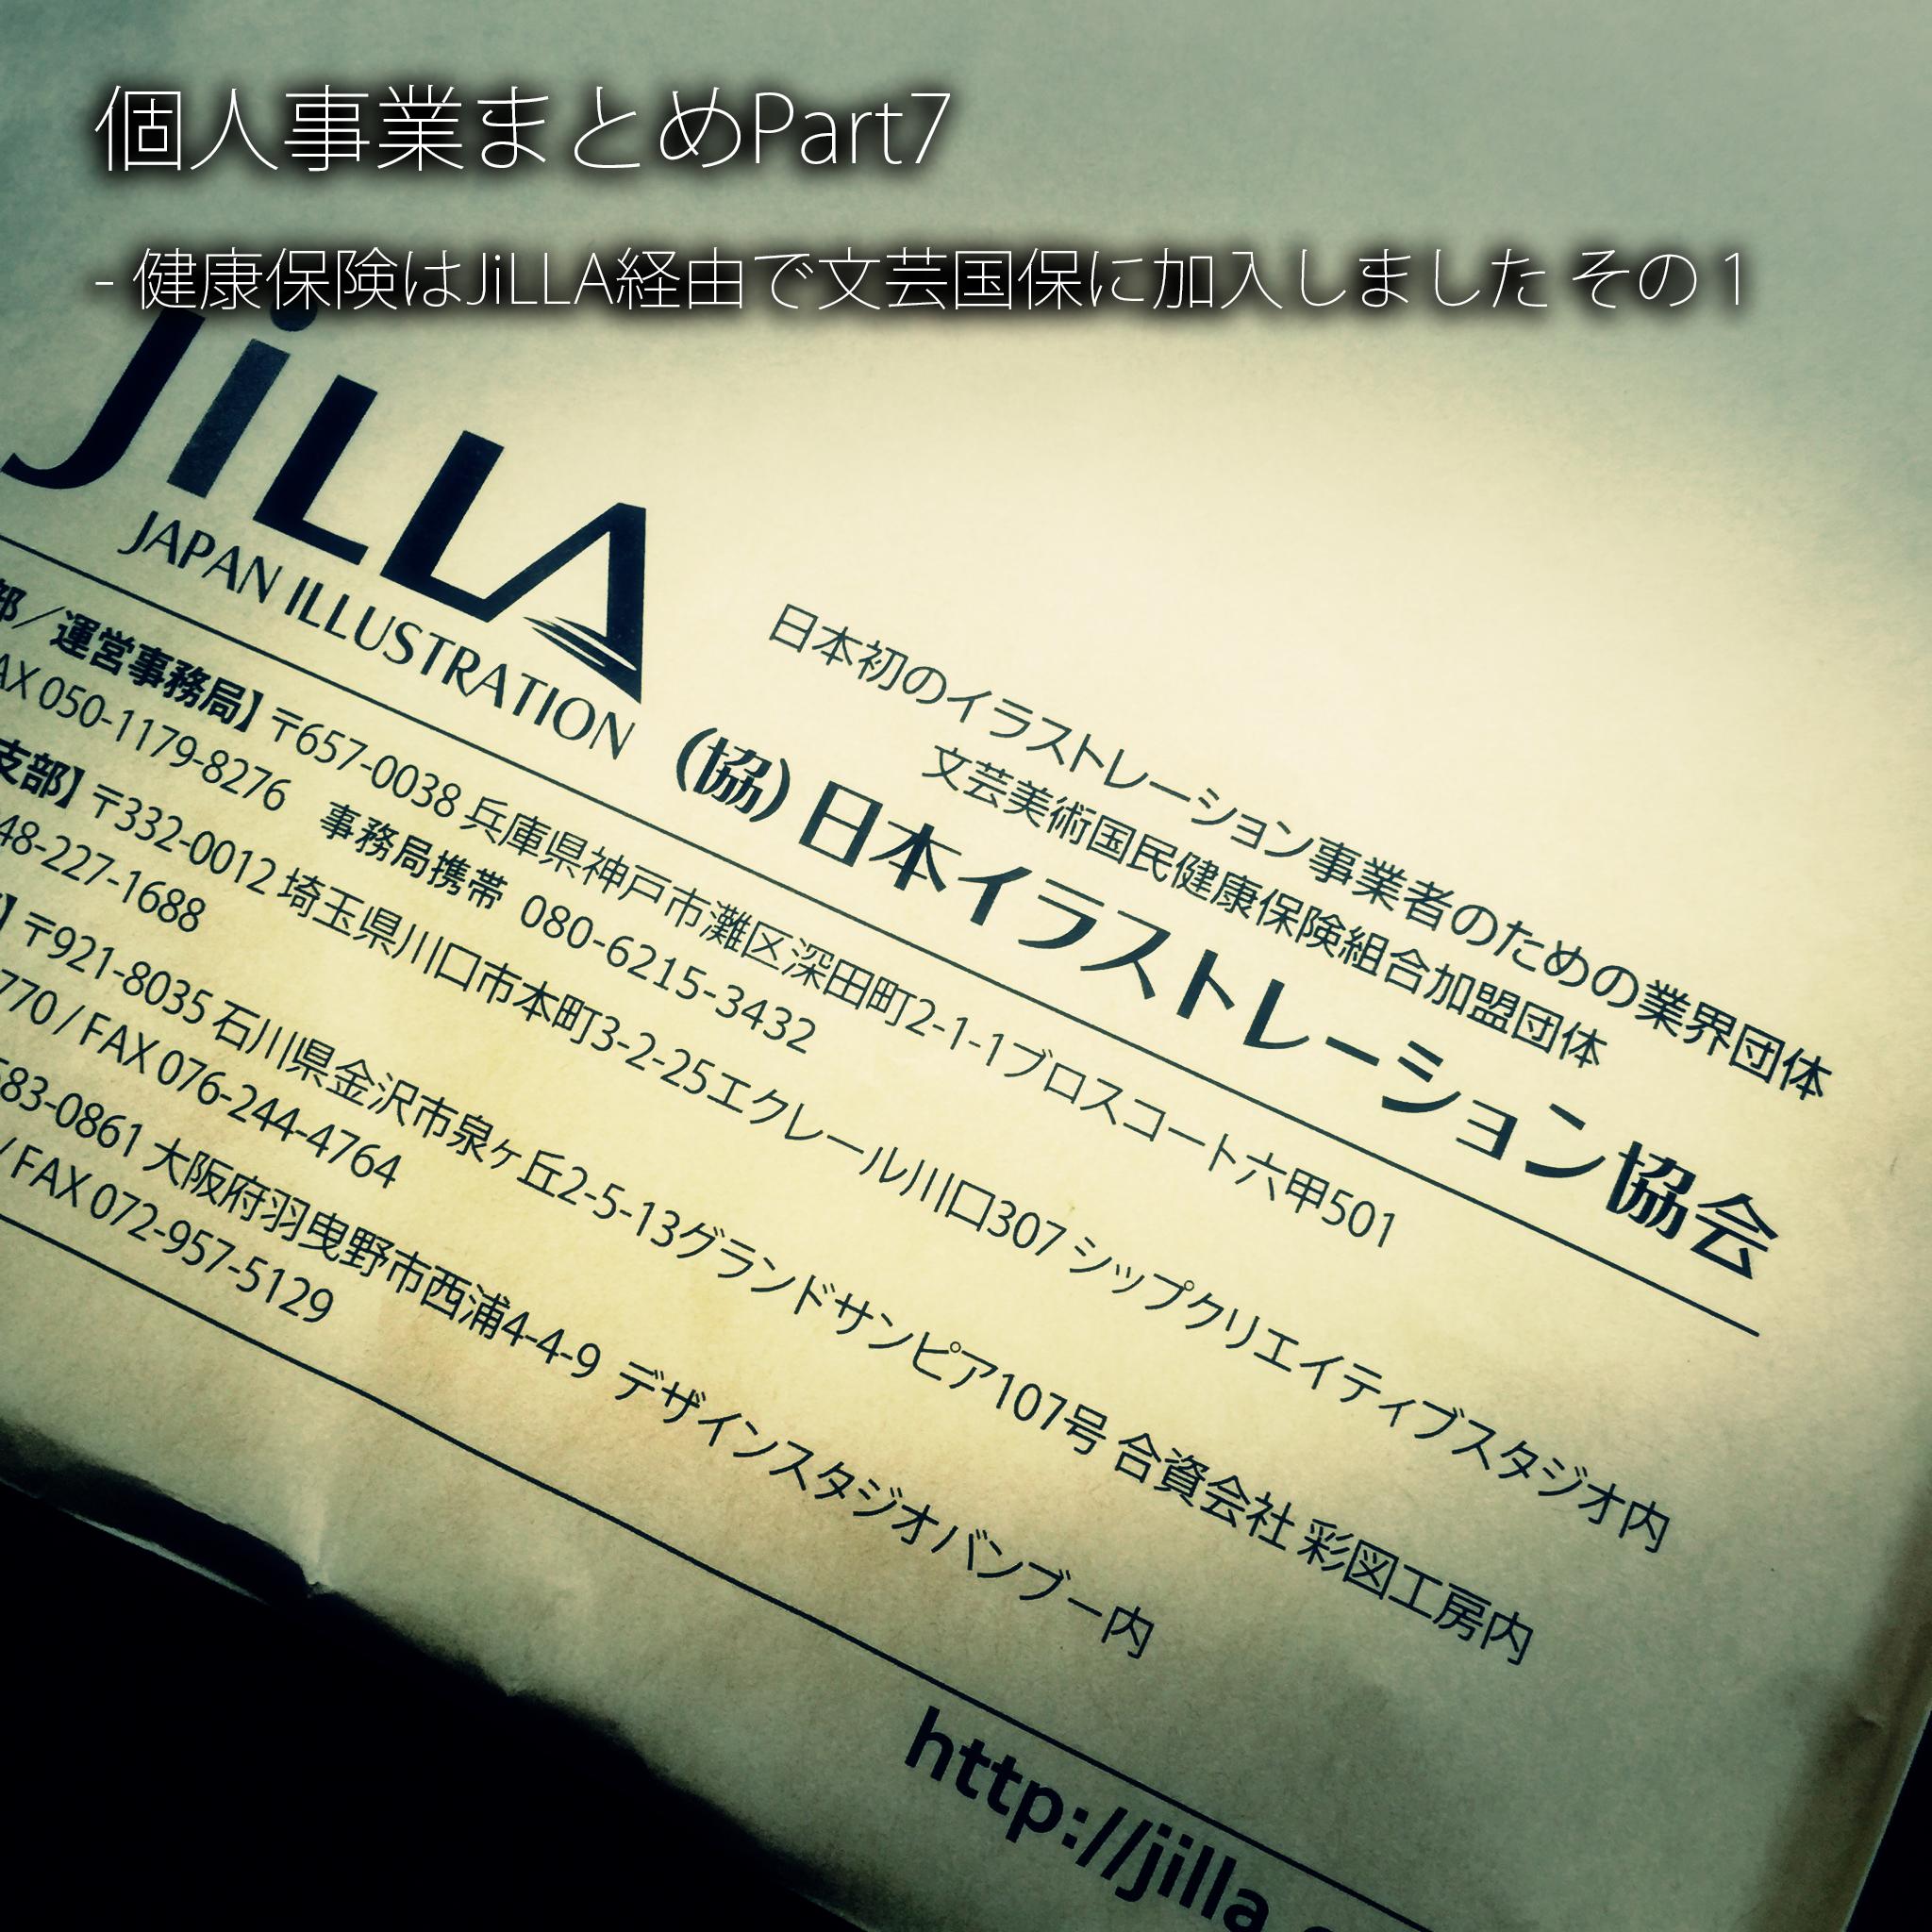 個人事業まとめPart7 – 健康保険はJiLLA経由で文芸国保に加入しました その1